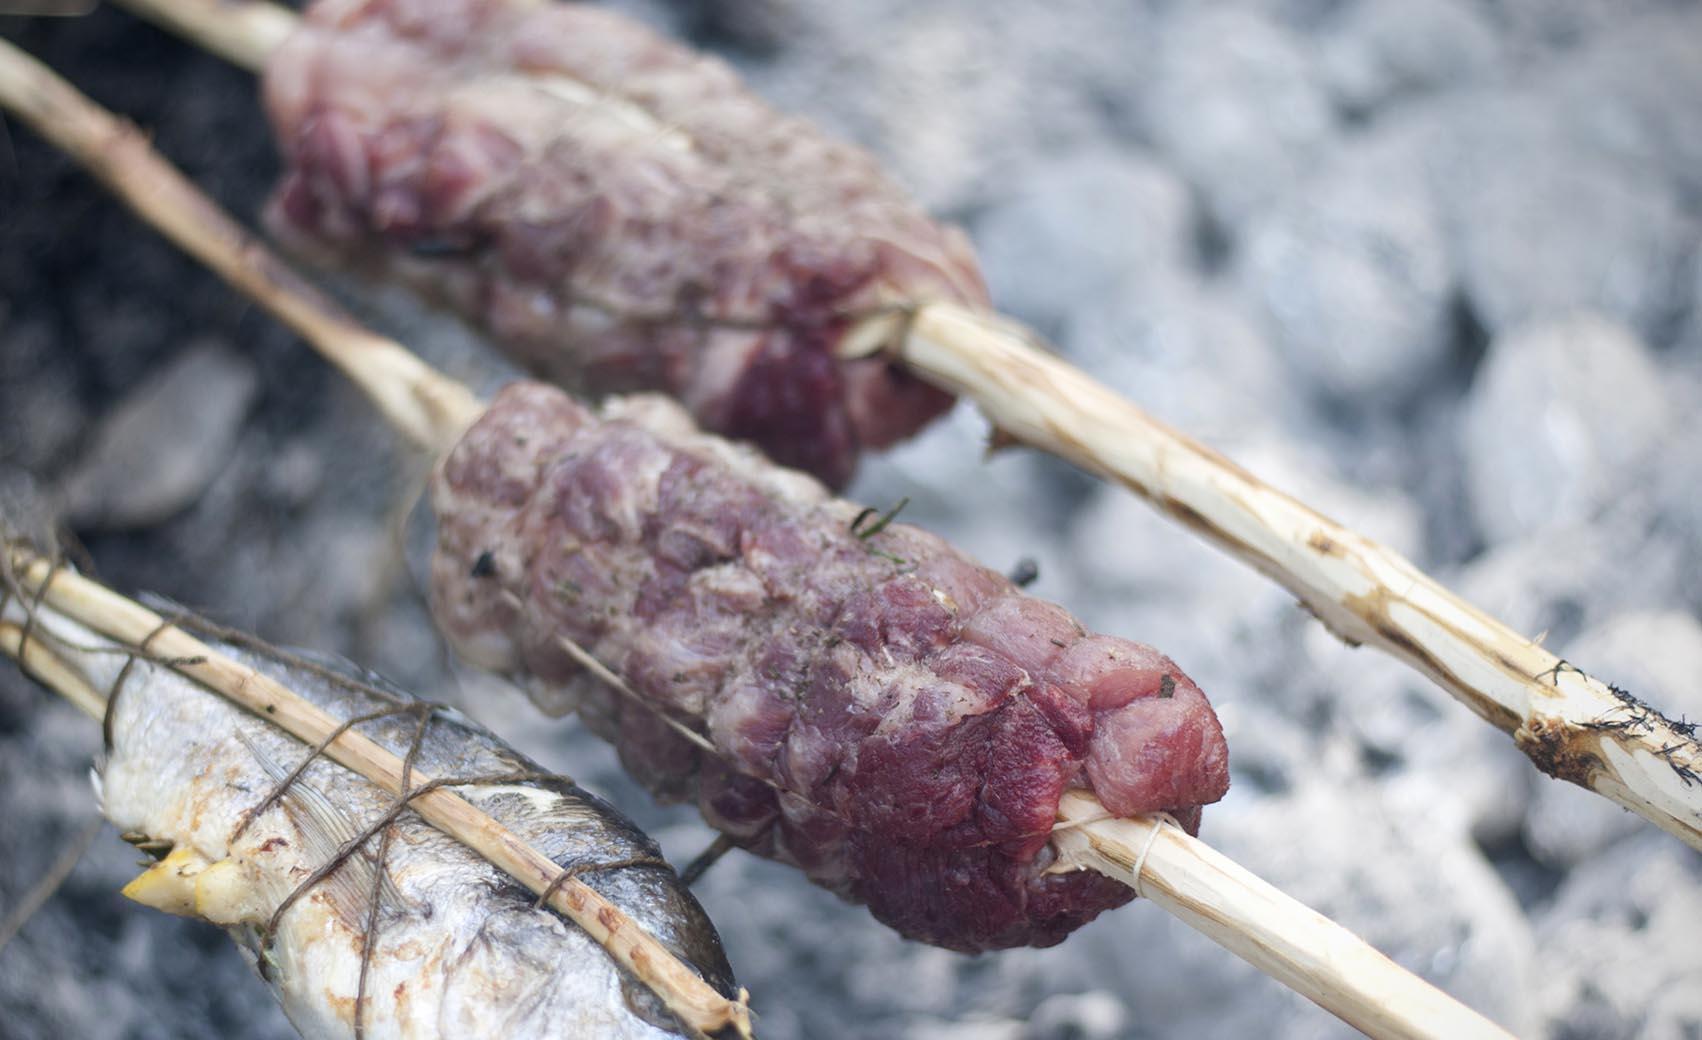 Ricette di cucina trapper la carne cucinare a fuoco vivo for Cucina italiana ricette carne